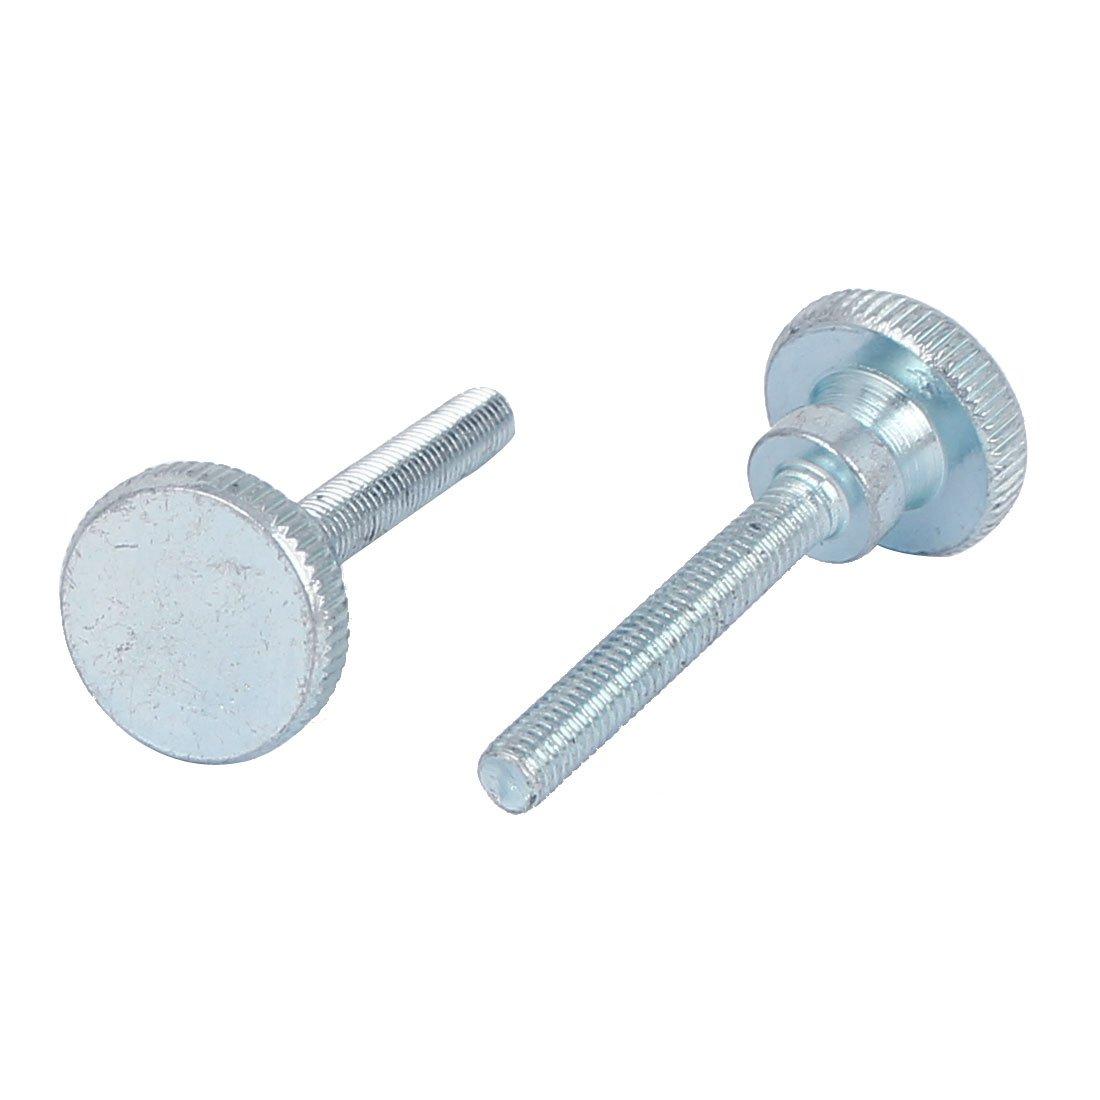 10 piezas del modelo M3/x 20/mm Tornillo de ajuste de mano de acero de carbono por Sourcingmap. tornillo moleteado de cabeza plana